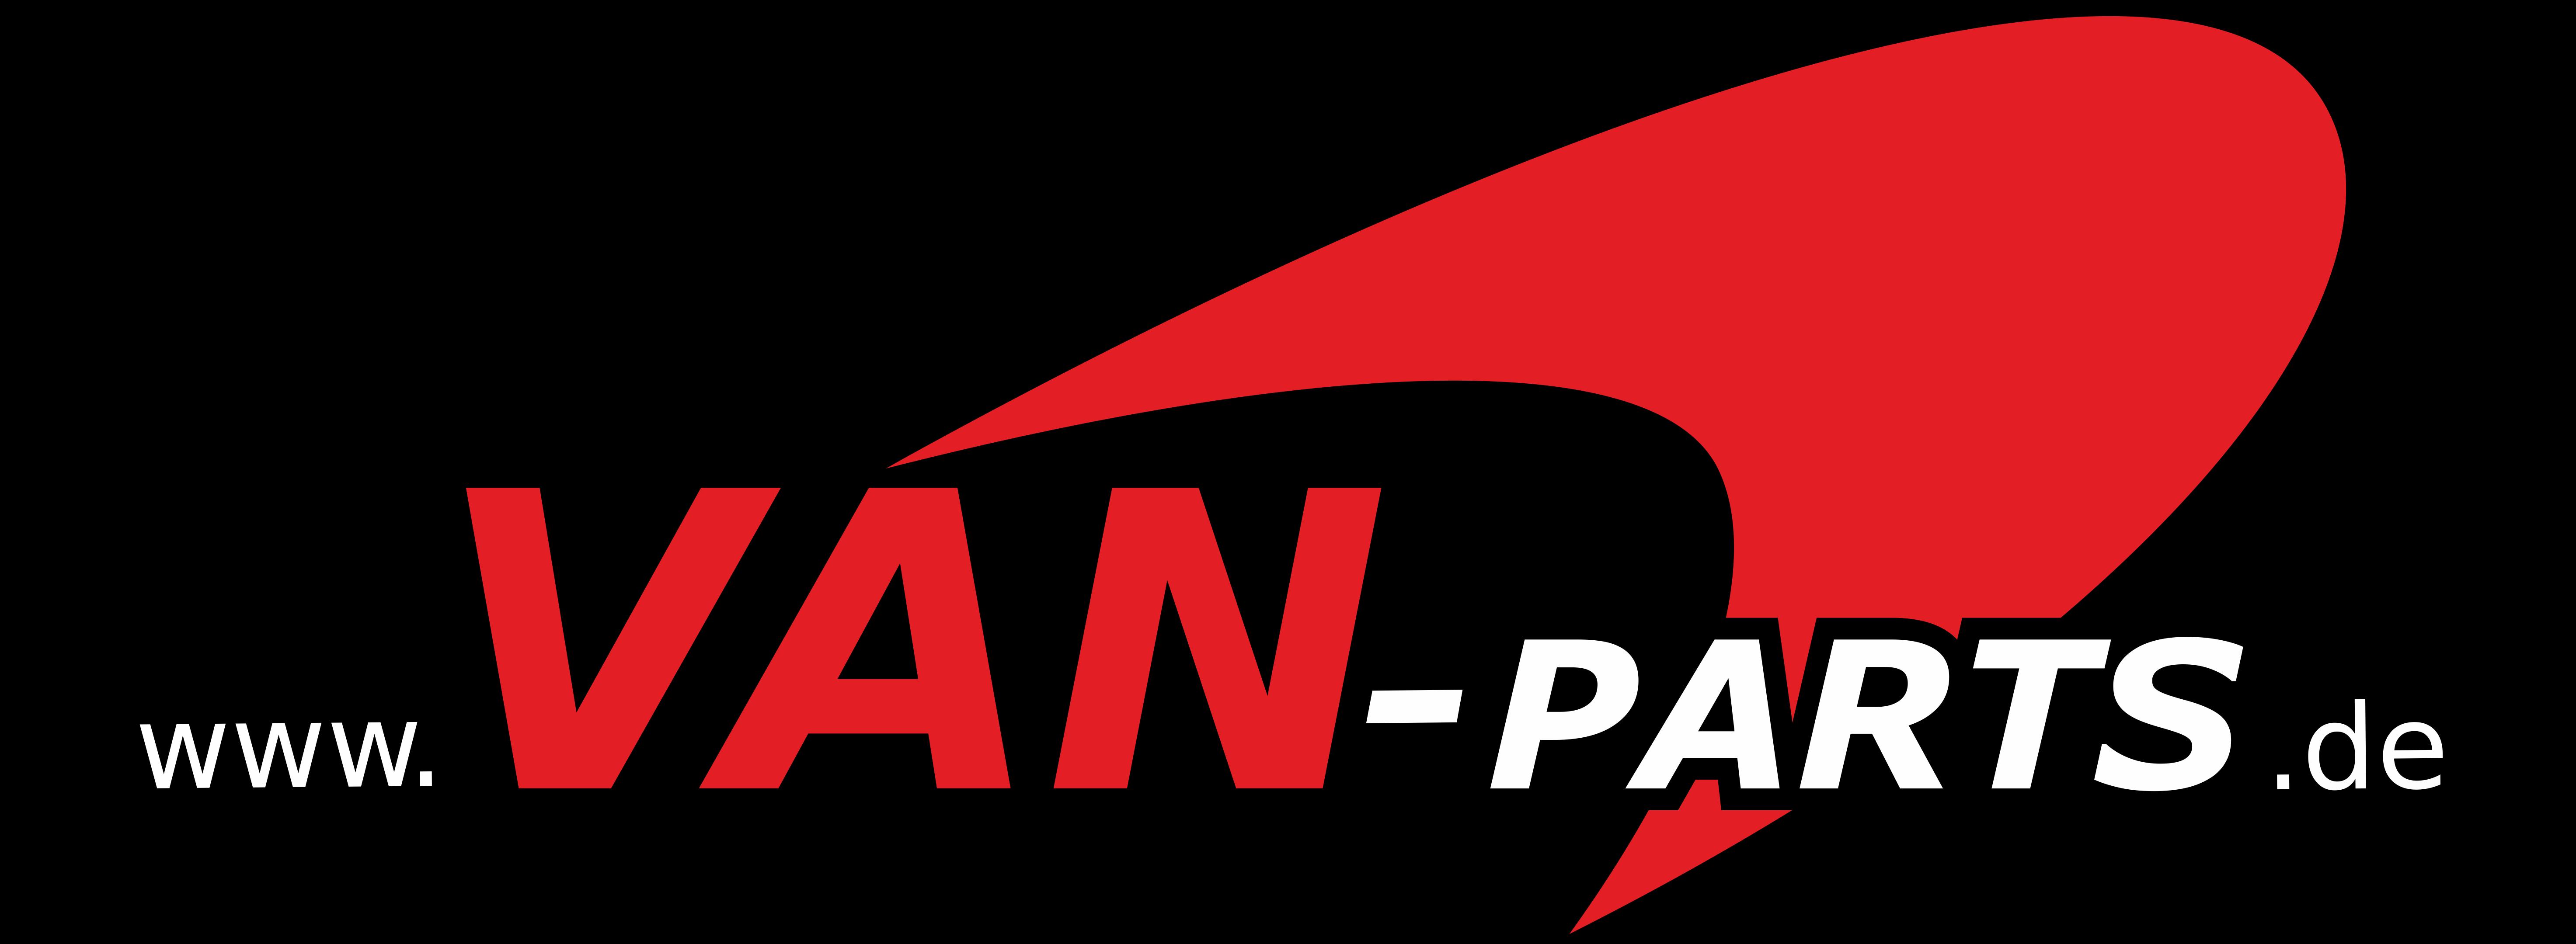 VAN-PARTS